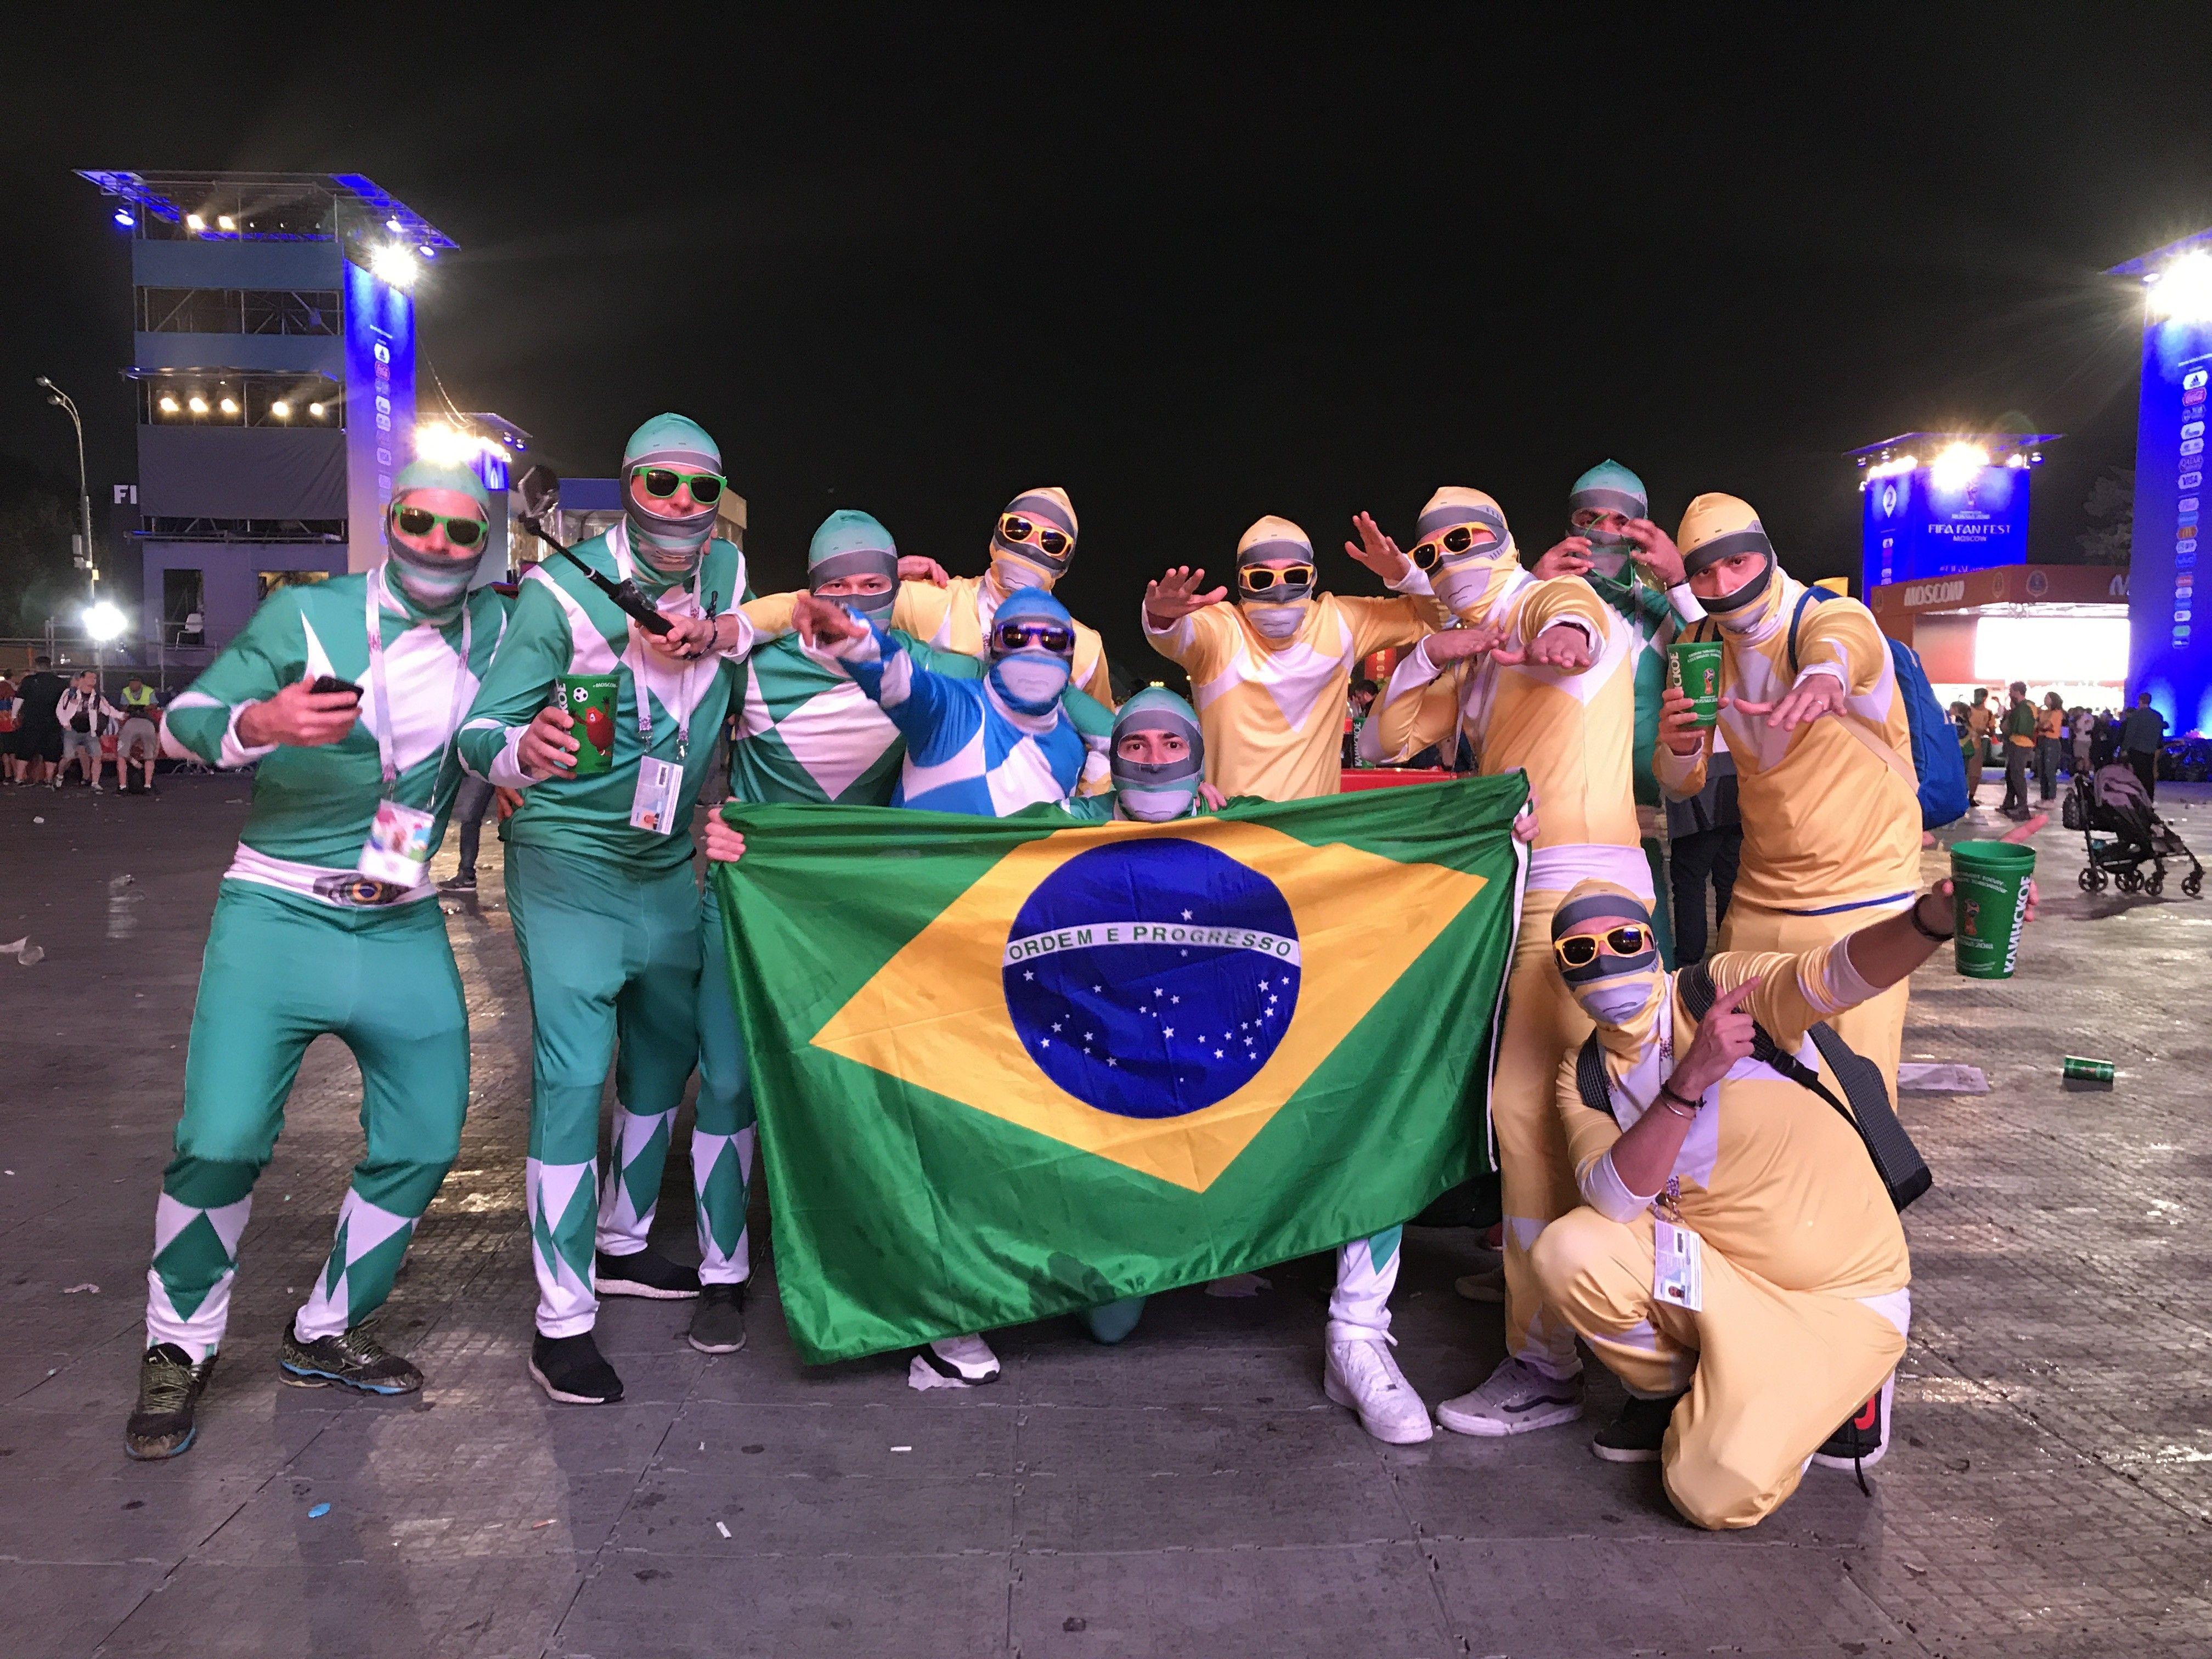 Fantasia Feita Para A Copa Na Russia De 2018 Mas Com Certeza A